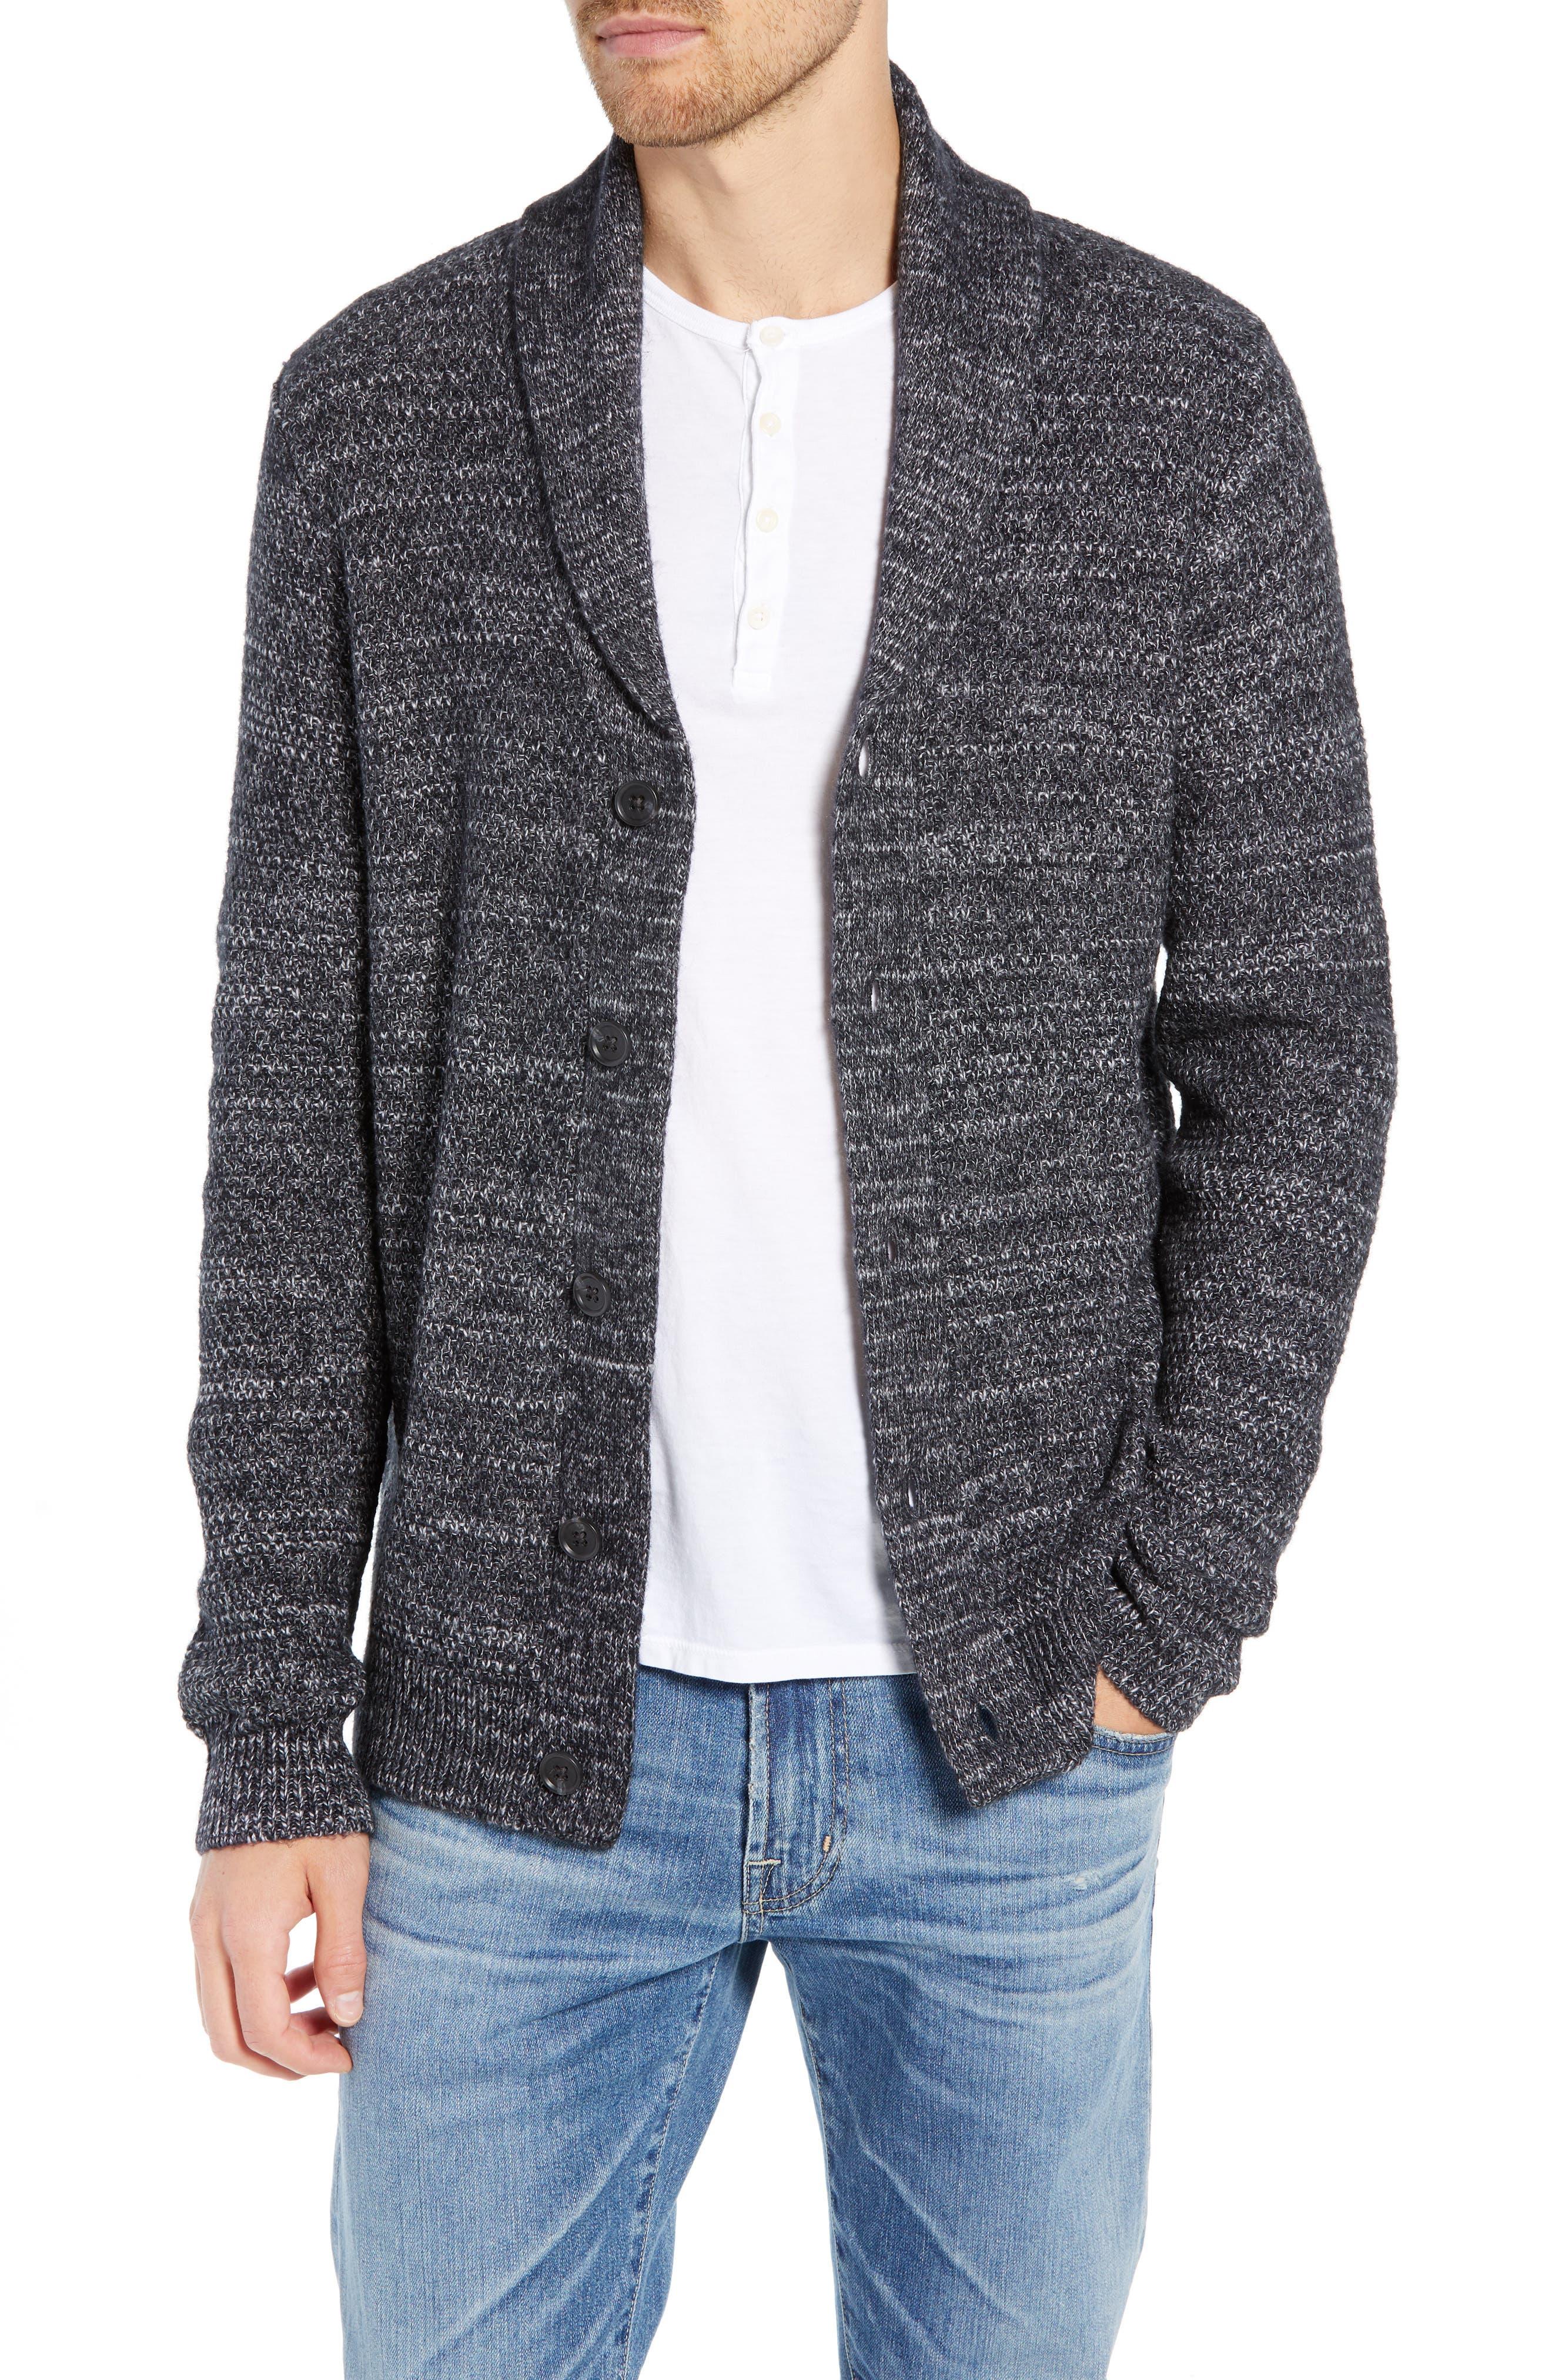 Nordstrom Shop Shawl Collar Cardigan, Black